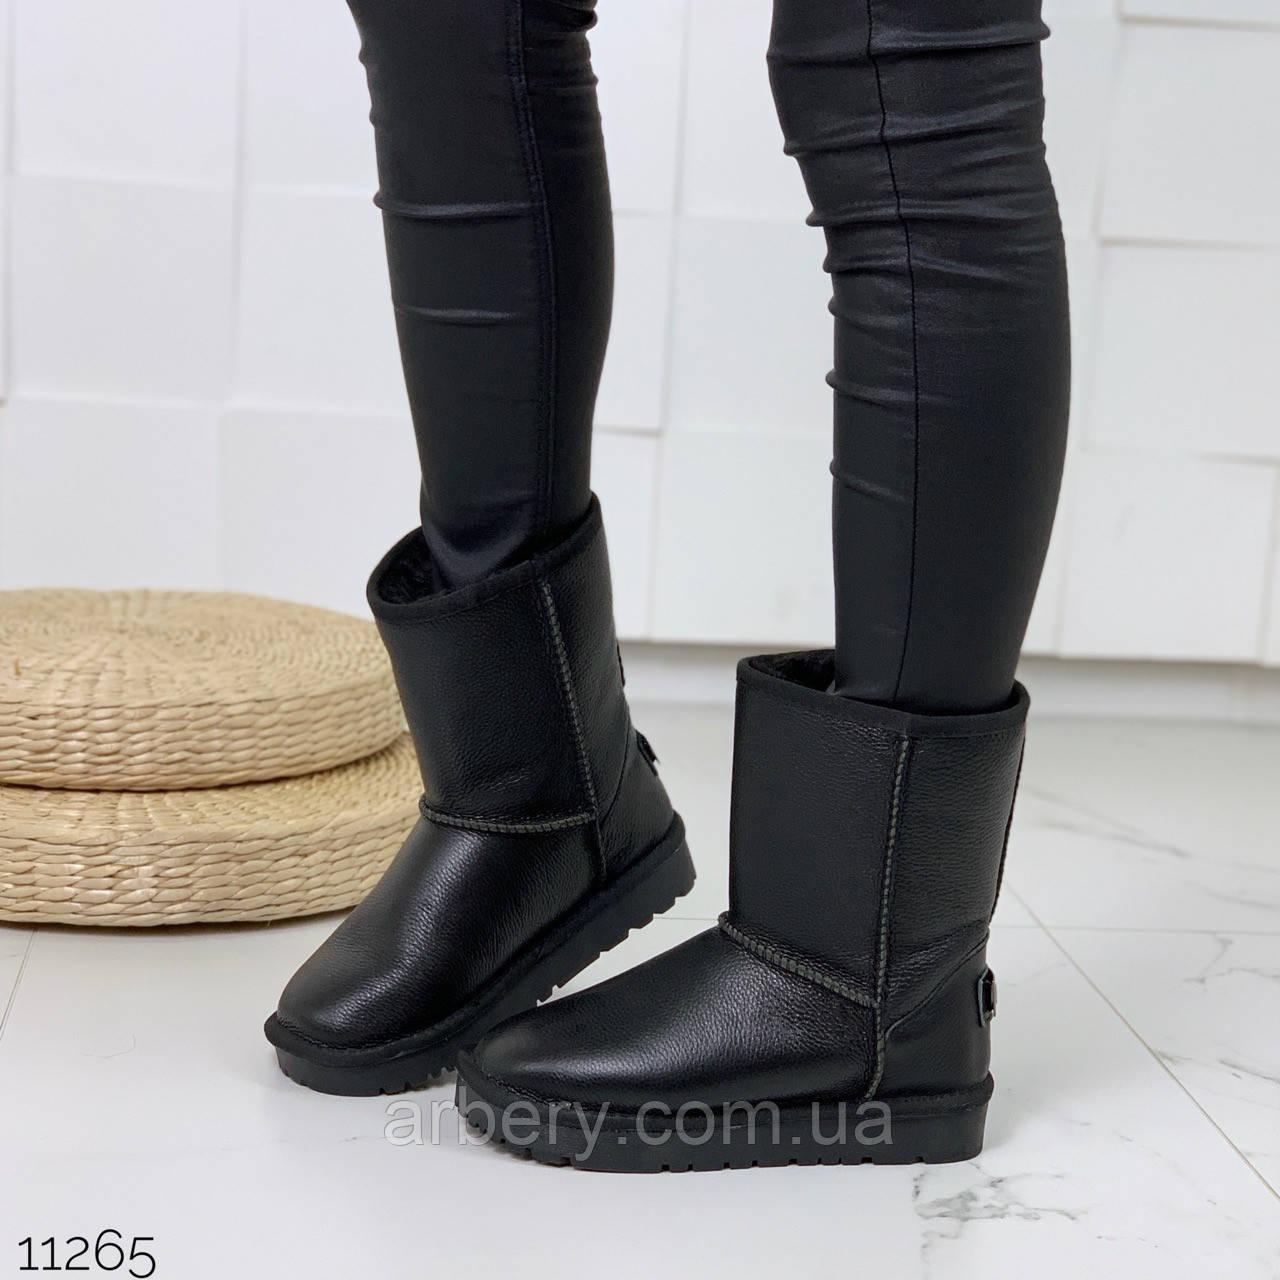 Женские кожаные высокие угги